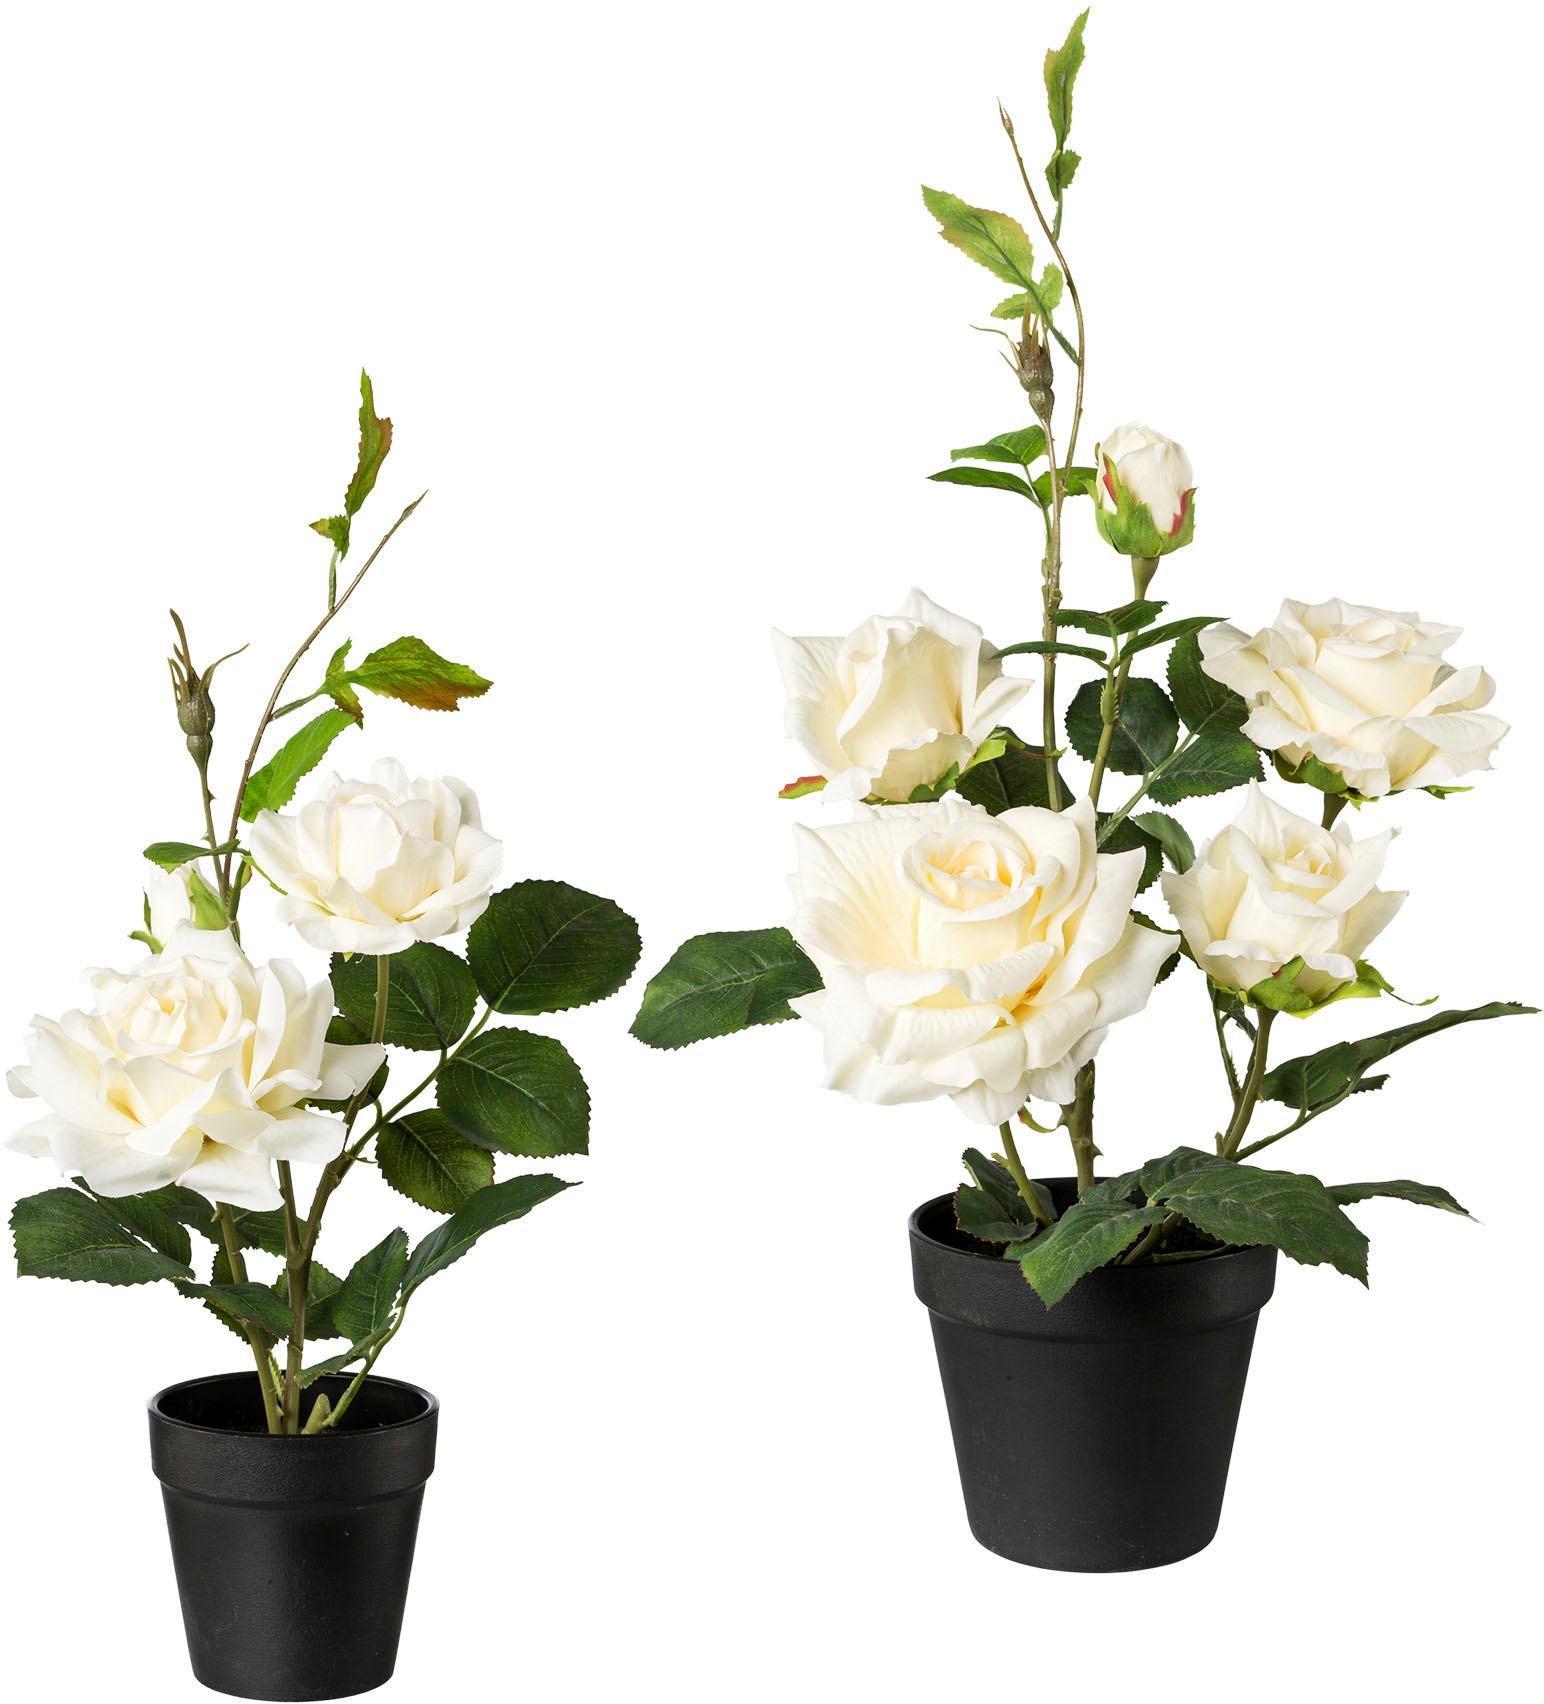 Creativ green Künstliche Zimmerpflanze, 2er Set weiß Zimmerpflanzen Kunstpflanzen Wohnaccessoires Zimmerpflanze